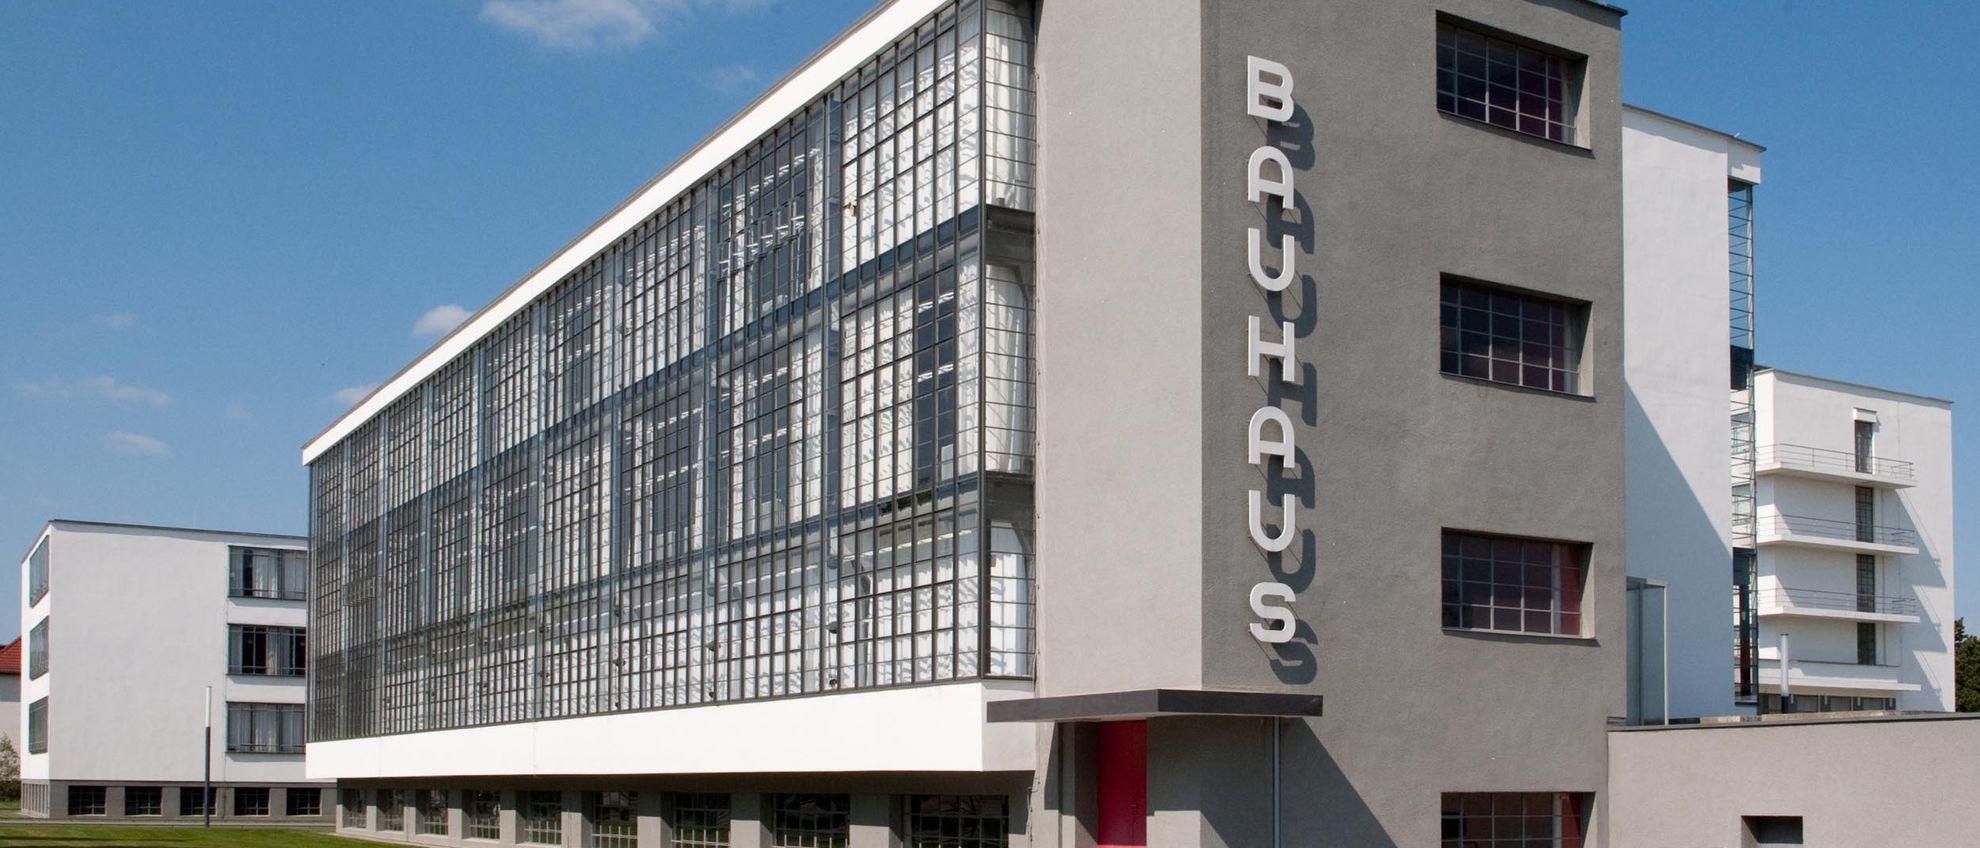 Bauhaus Entdecken Startseite